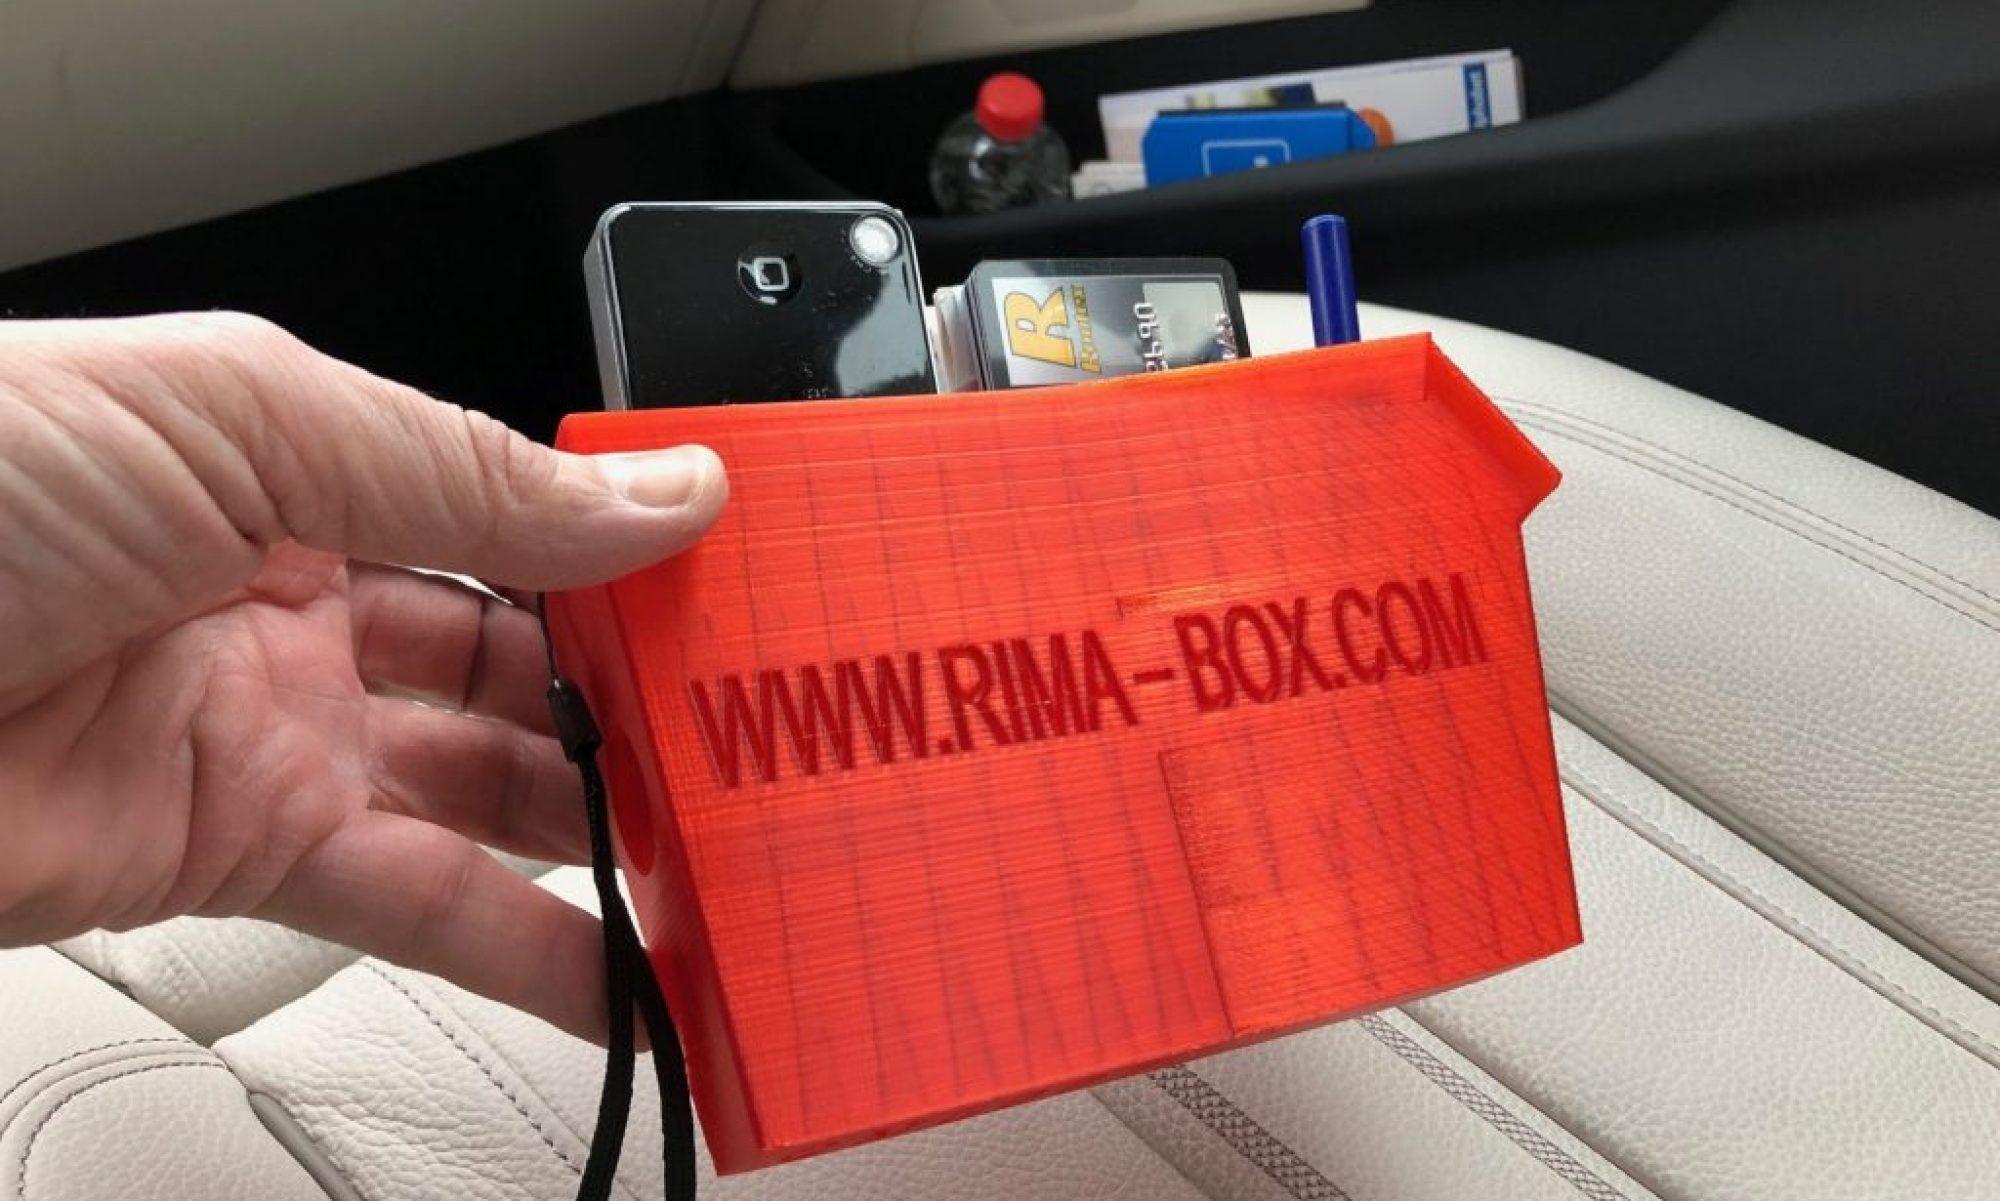 WWW.RIMA-BOX.COM